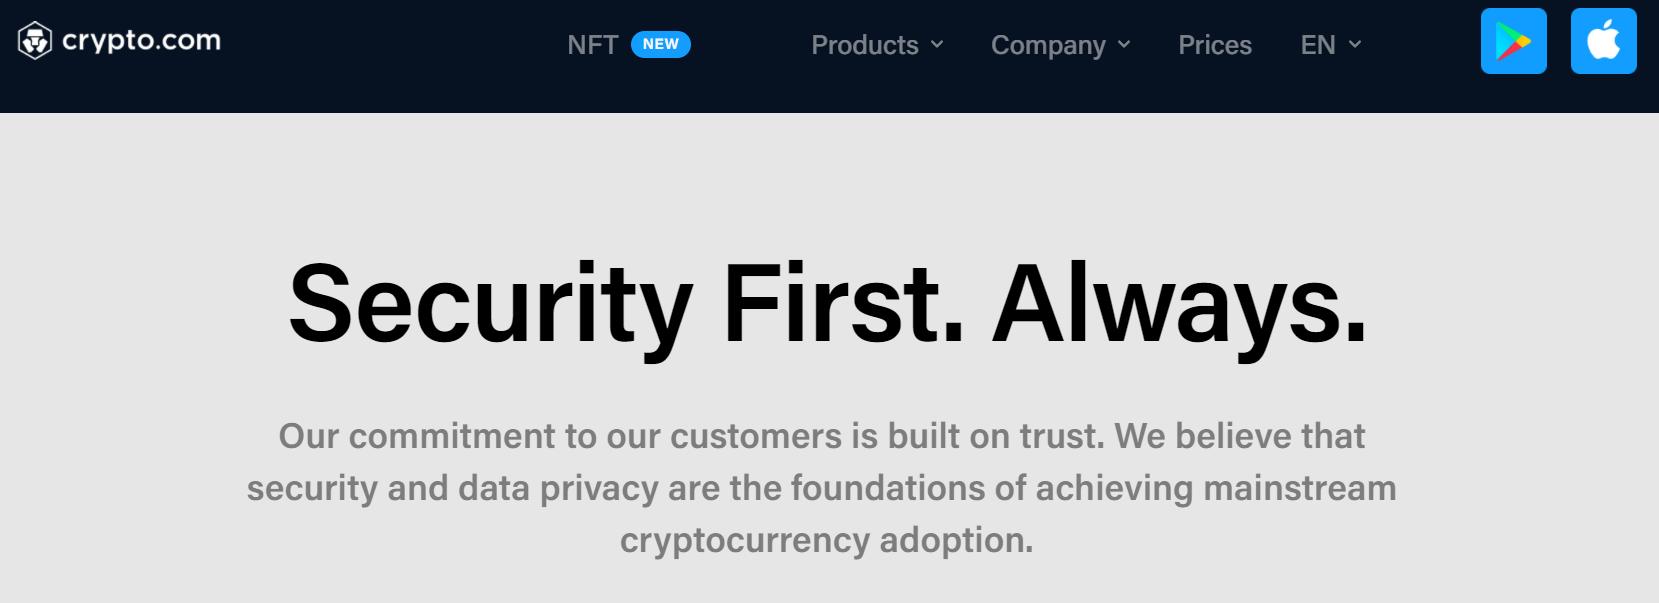 Crypto.com Security